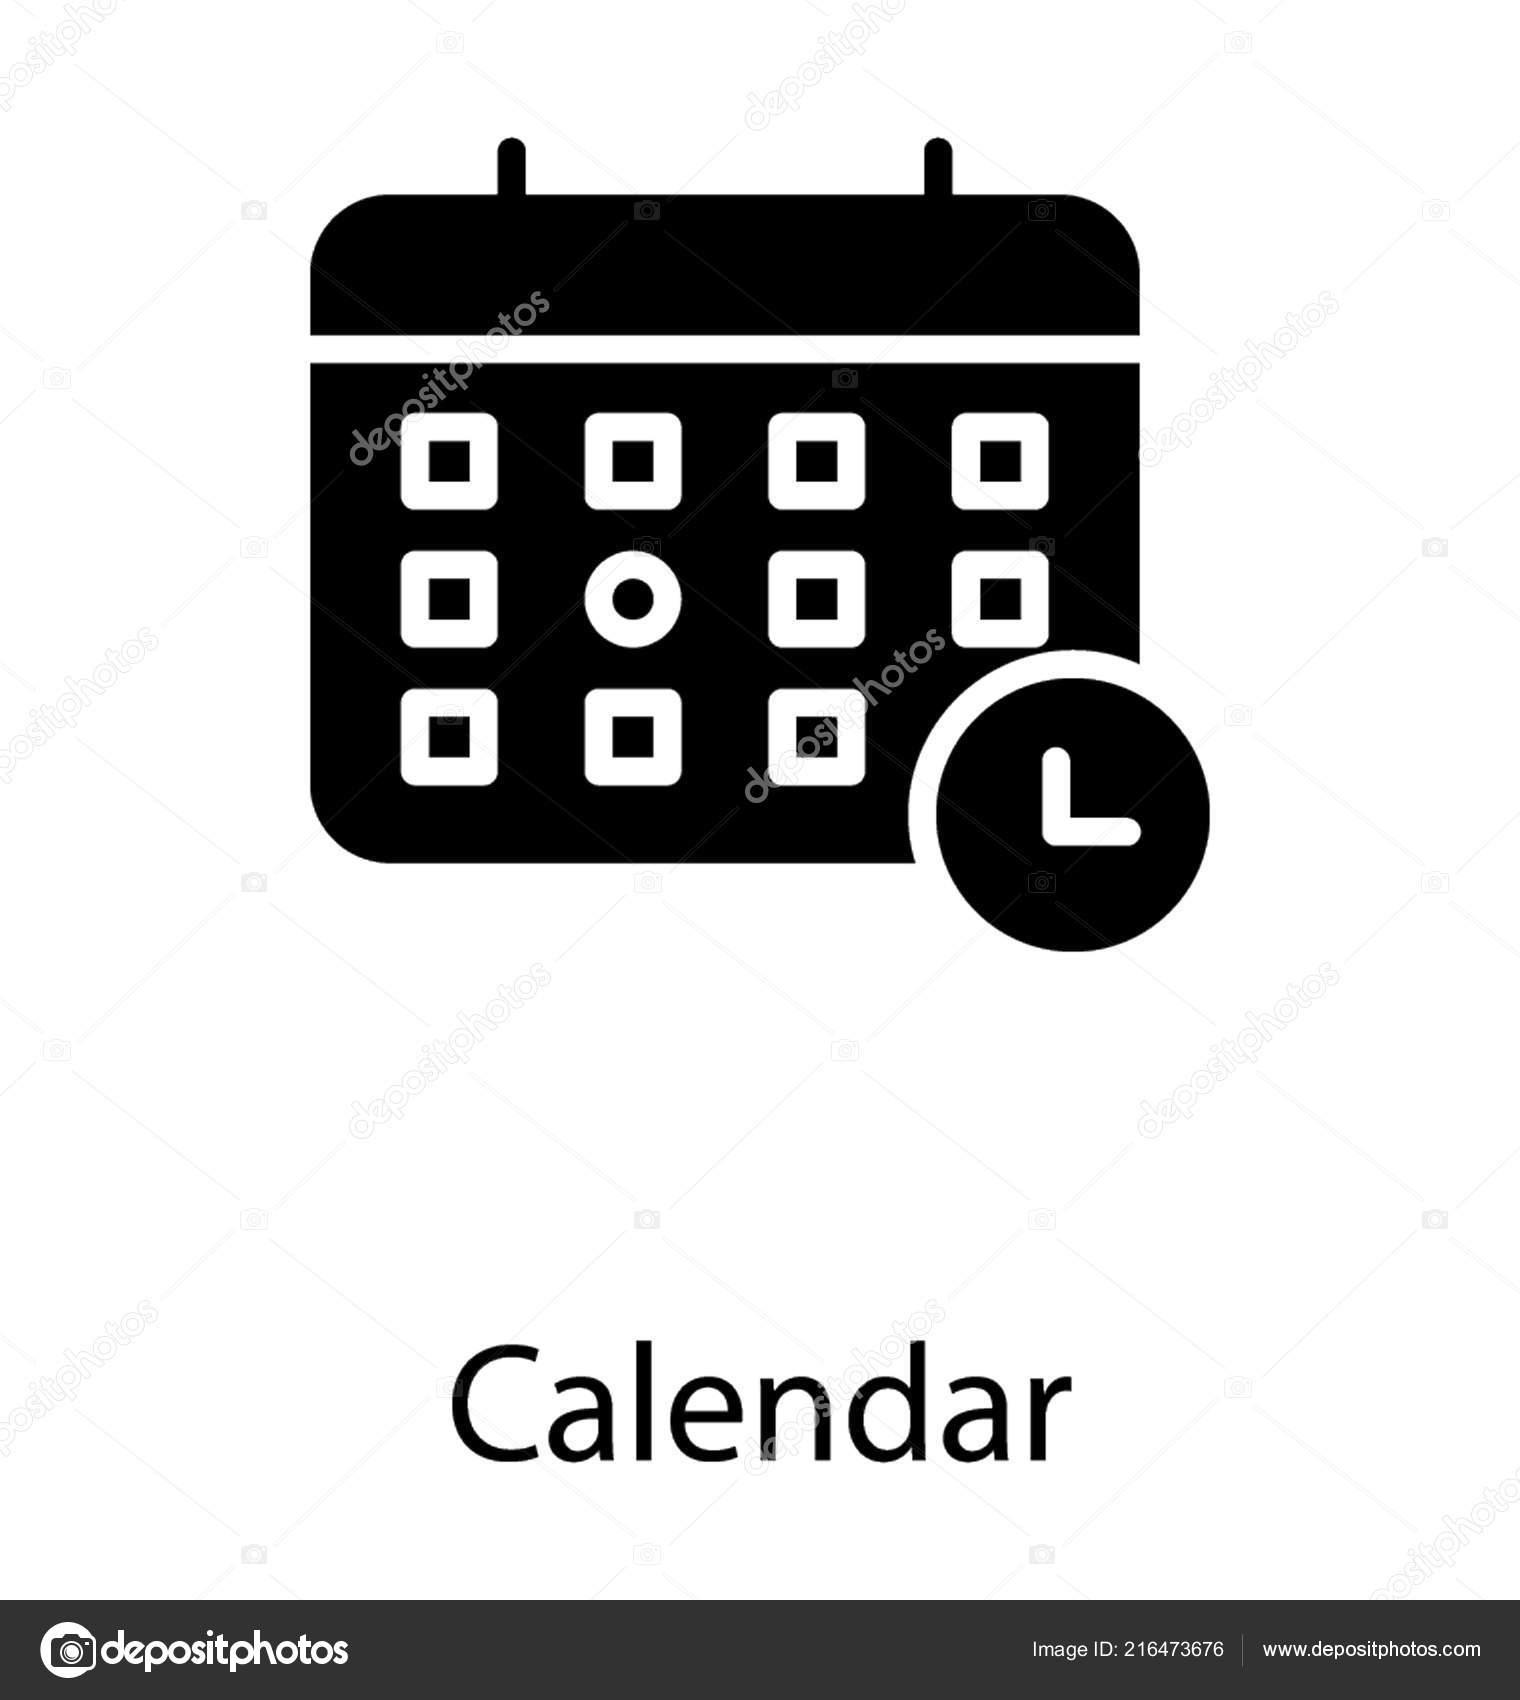 Simbolo Calendario.Calendario Con Simbolo Allarme Calendario Elettronico